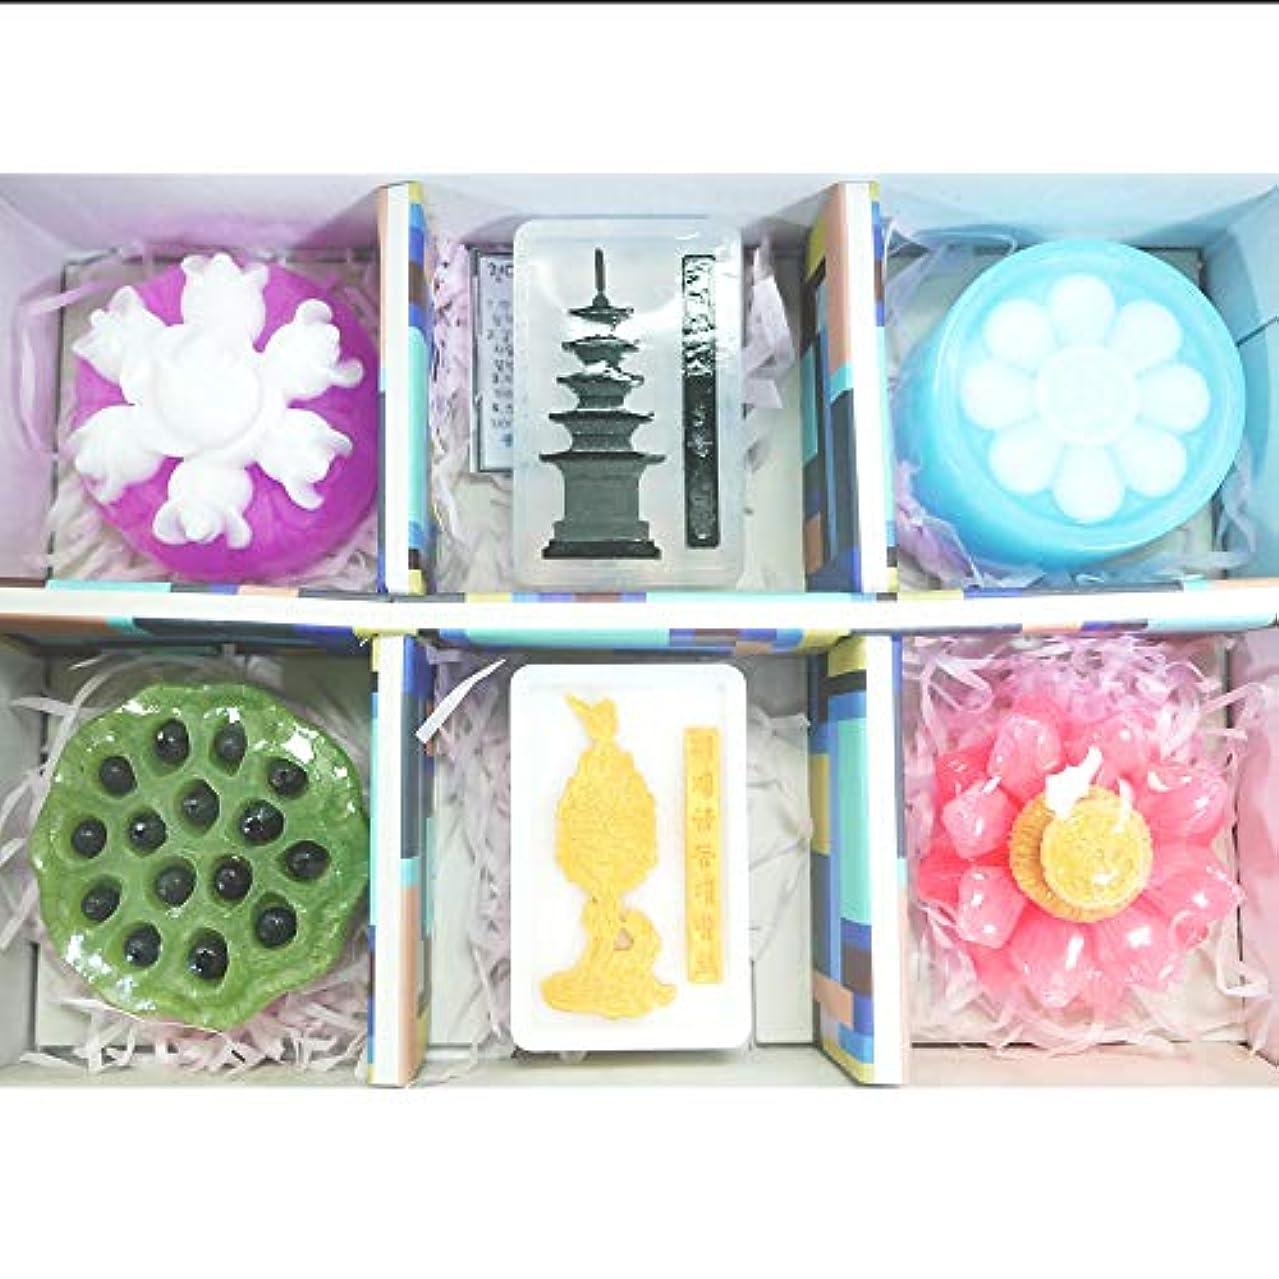 出くわすハードウェアしてはいけません[ソドン] 韓国 百済 手漉き石鹸 1 セット(3.5オンスx 6石鹸)